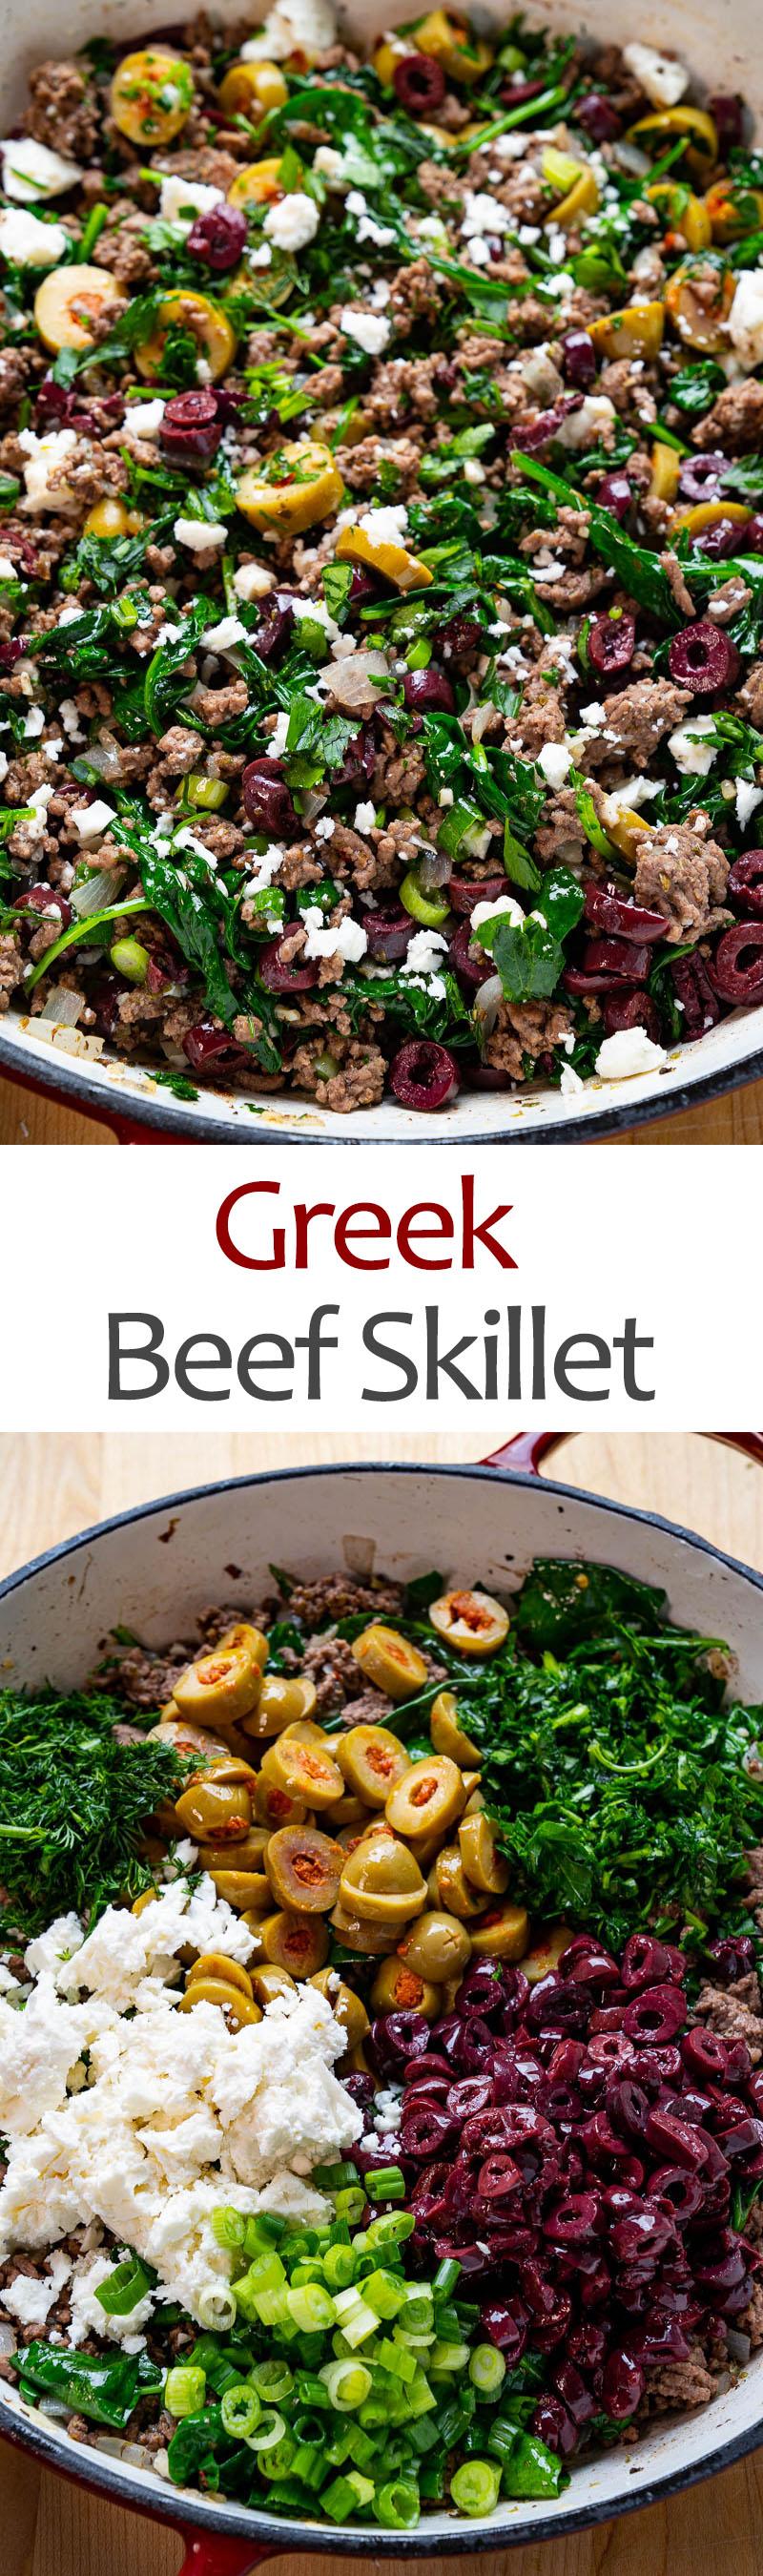 Greek Beef Skillet